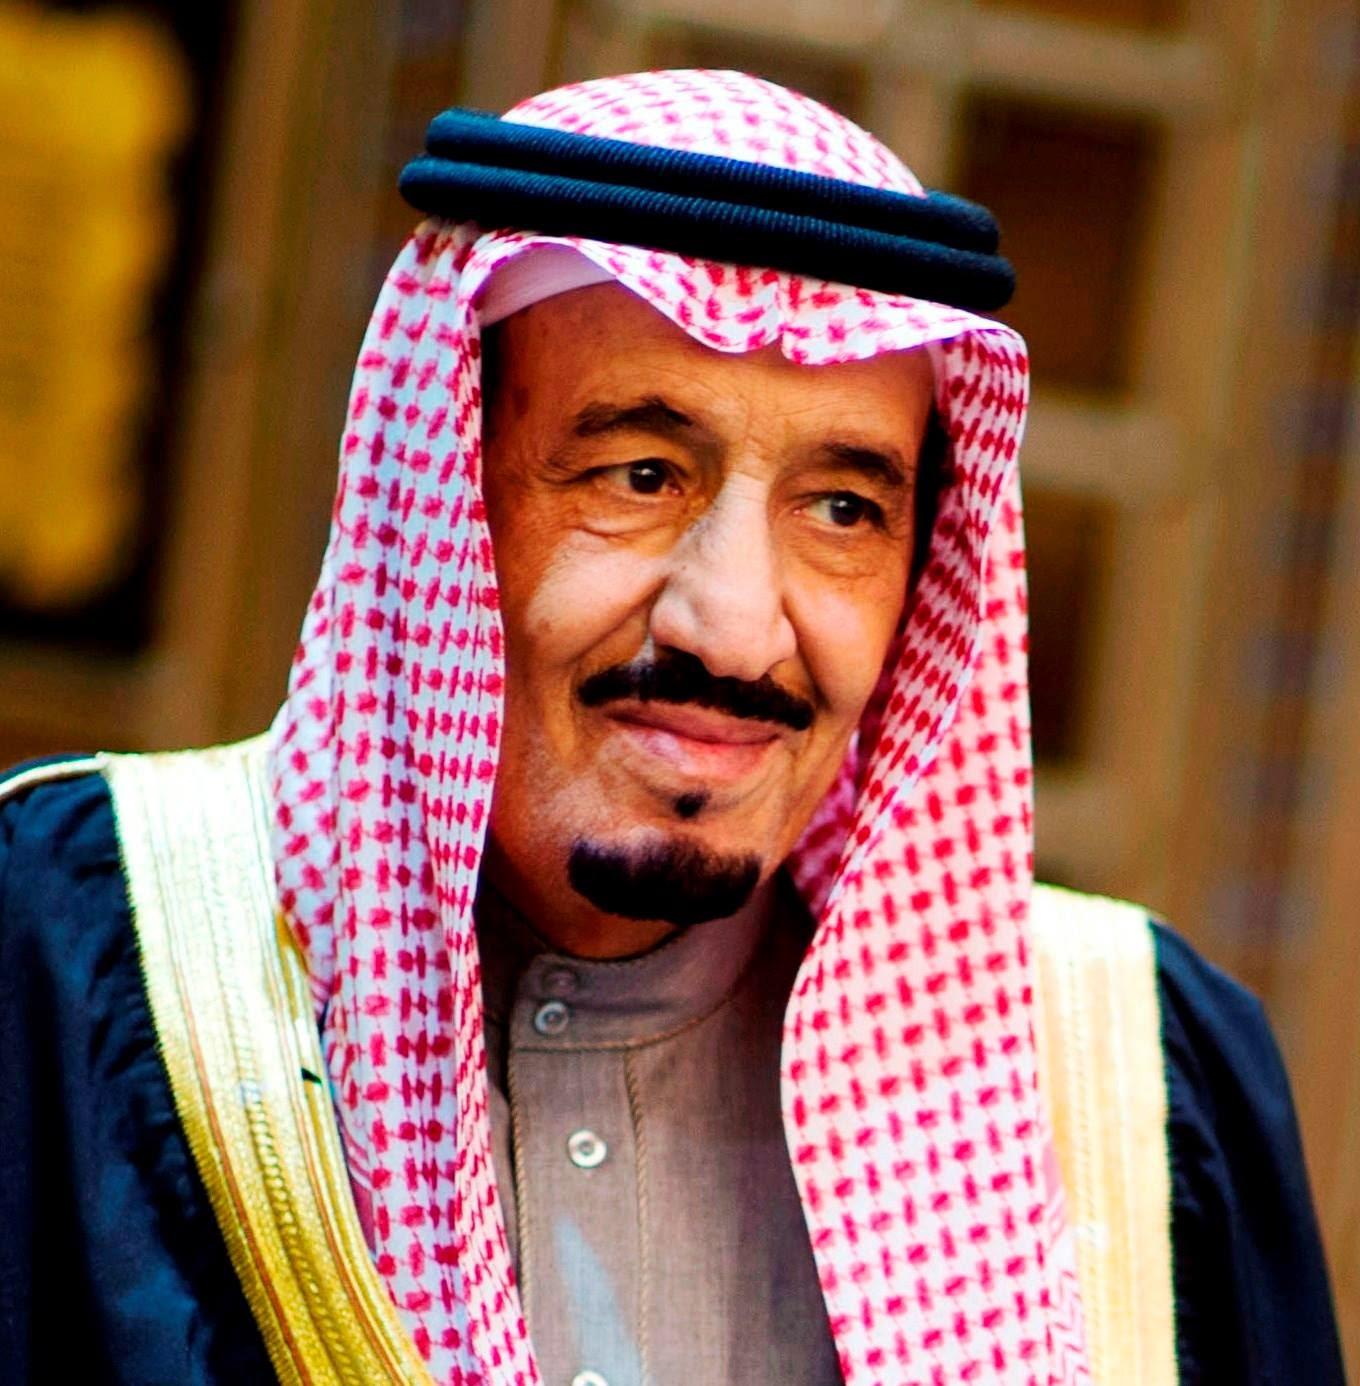 من هو سلمان بن عبد العزيز ملك السعودية الجديد - السيرة الذاتية